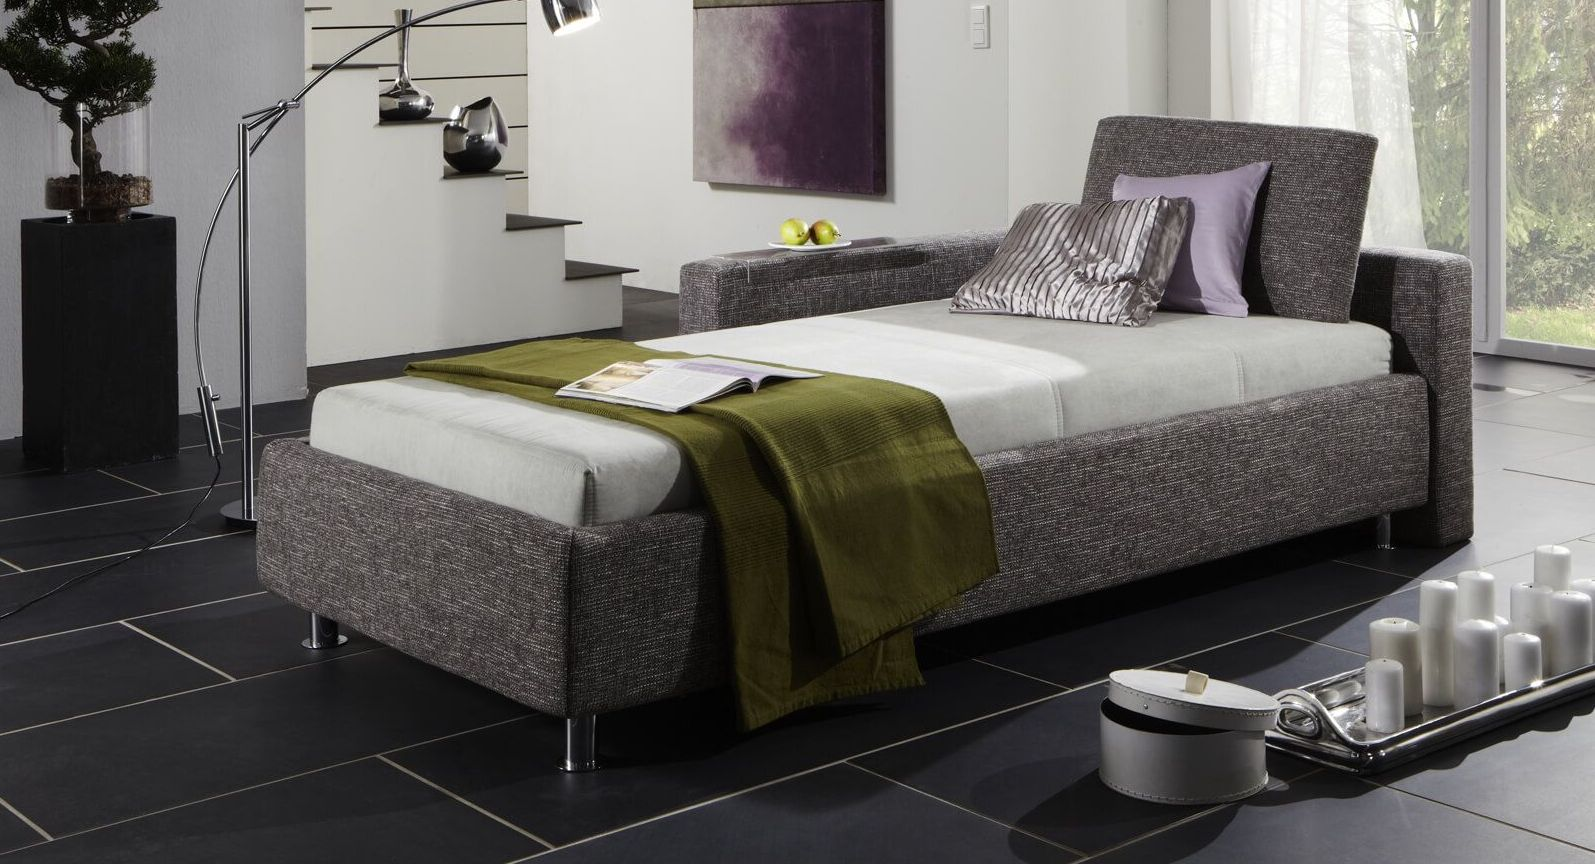 bezugsstoffe f r betten und matratzen kurz vorgestellt. Black Bedroom Furniture Sets. Home Design Ideas